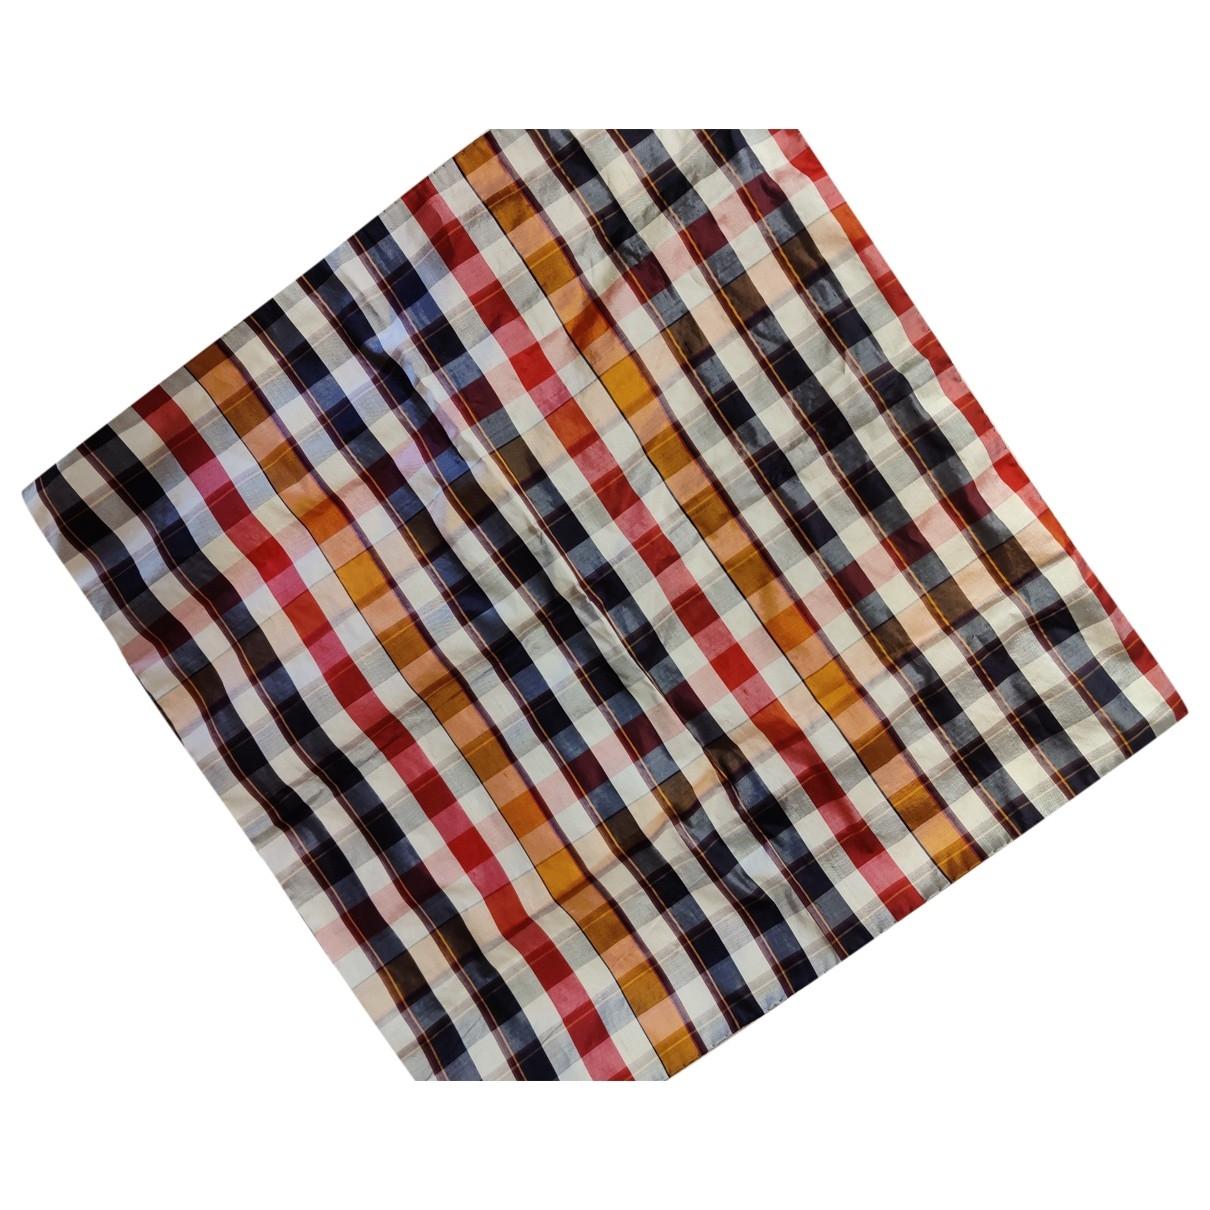 Etro - Cheches.Echarpes   pour homme en soie - multicolore